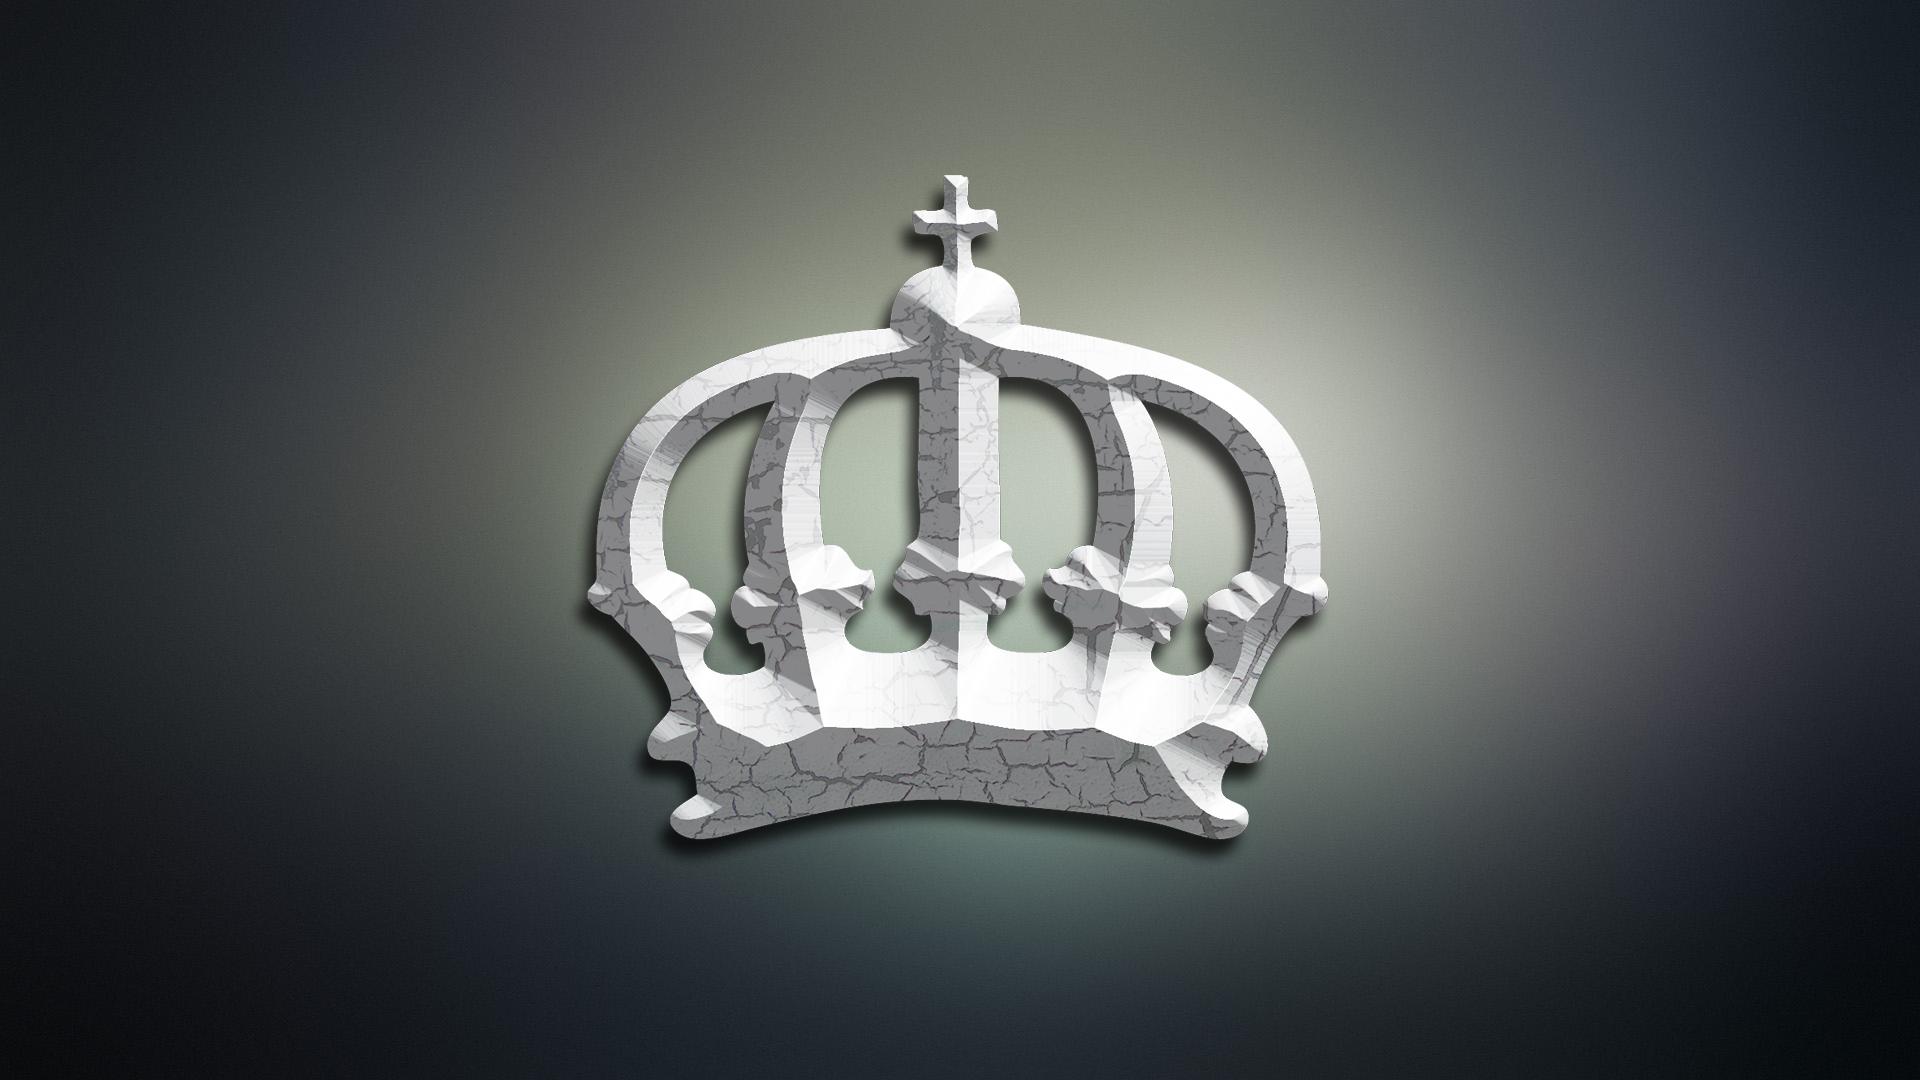 King Crown Hd Wallpaper Crown Wallpapers Hd Pixelstalk Net